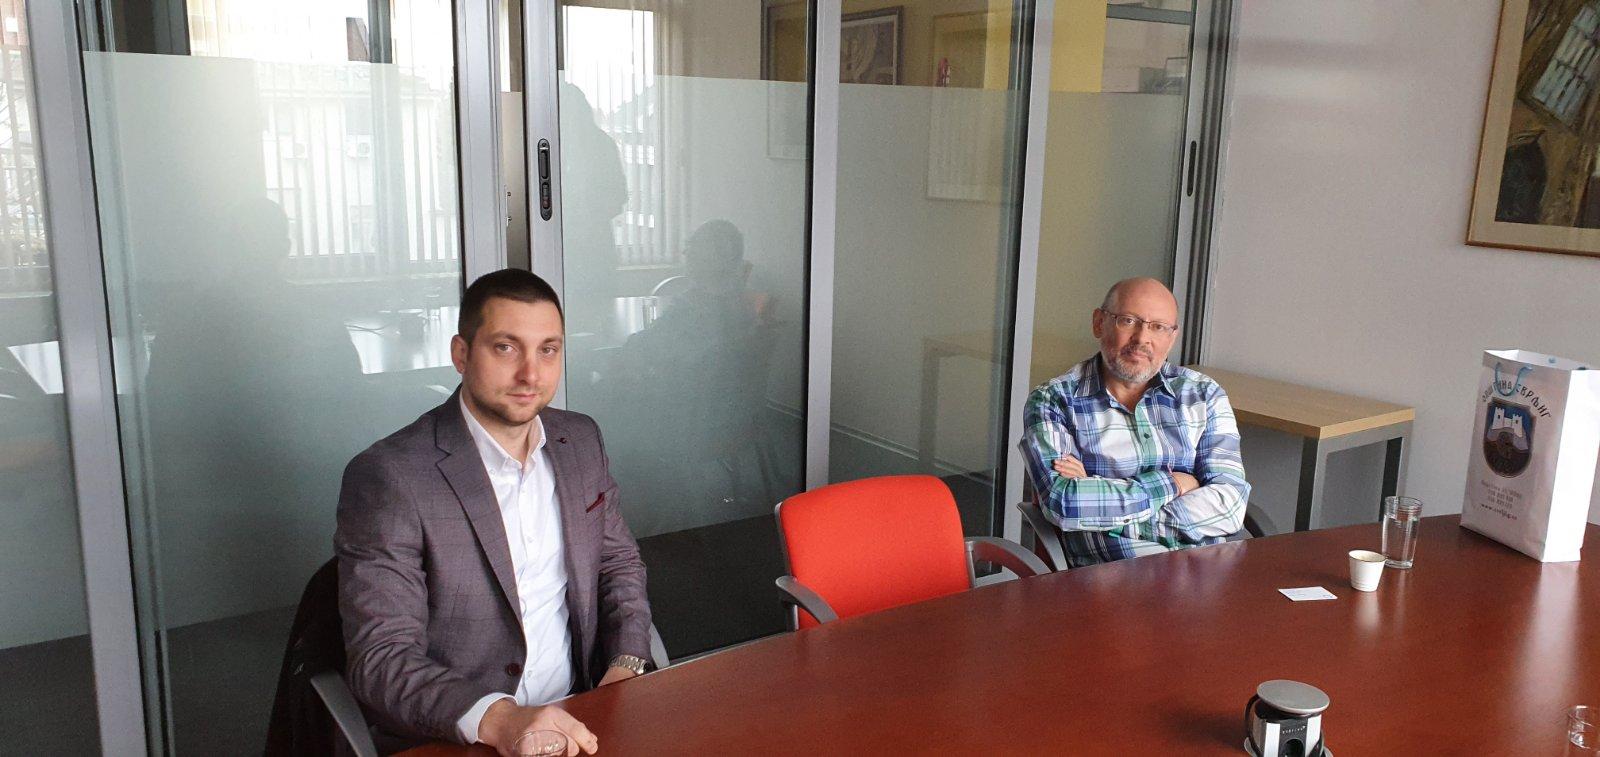 Radni sastanak u Sofiji, foto: M.M.